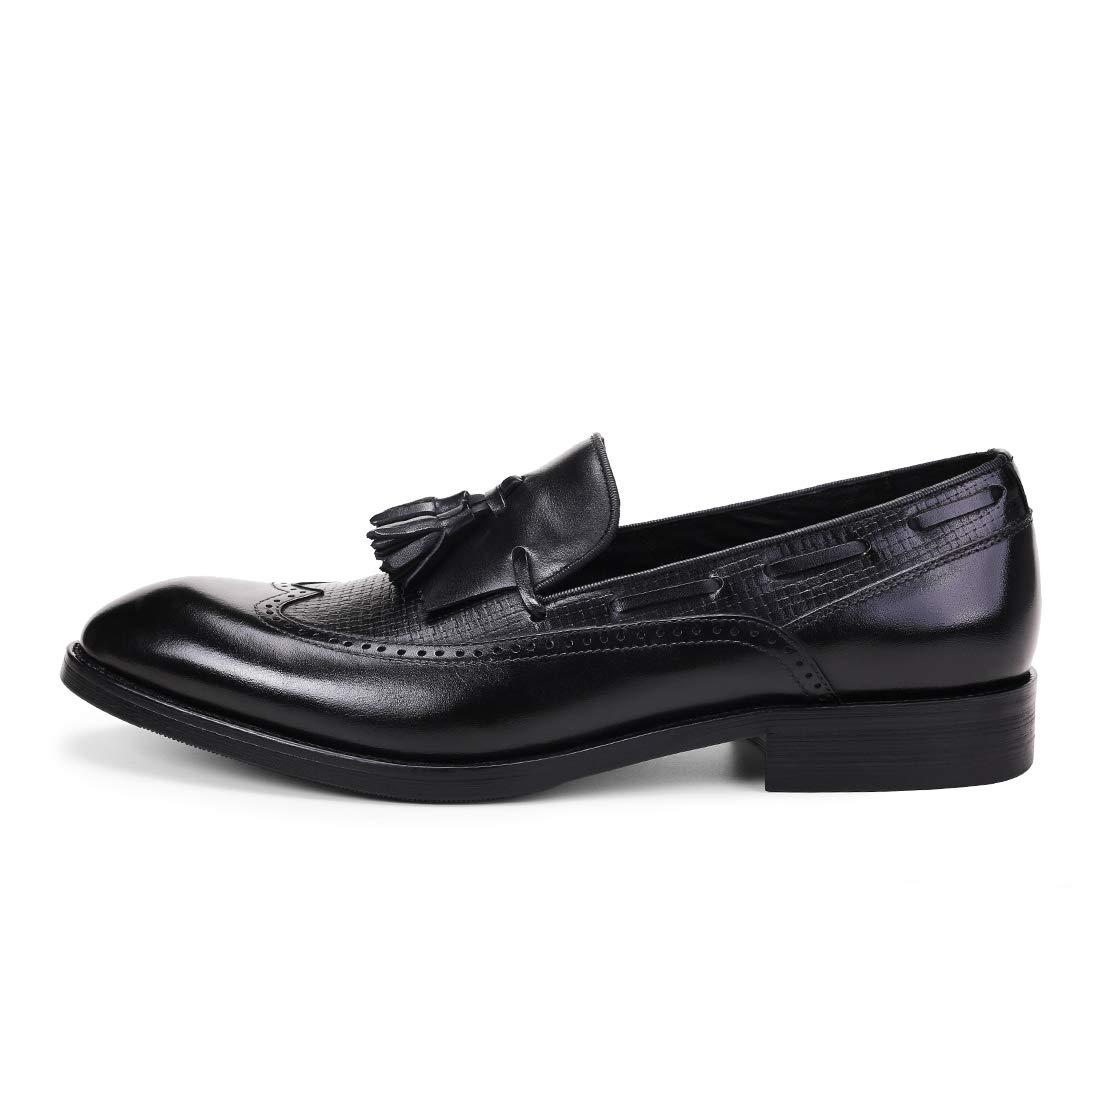 Scarpe Scarpe Scarpe da Lavoro Formale da Uomo Scarpe da Barca Scarpe Brogue Classiche Mocassini da Sposa con Punta e Nappine 497a6f